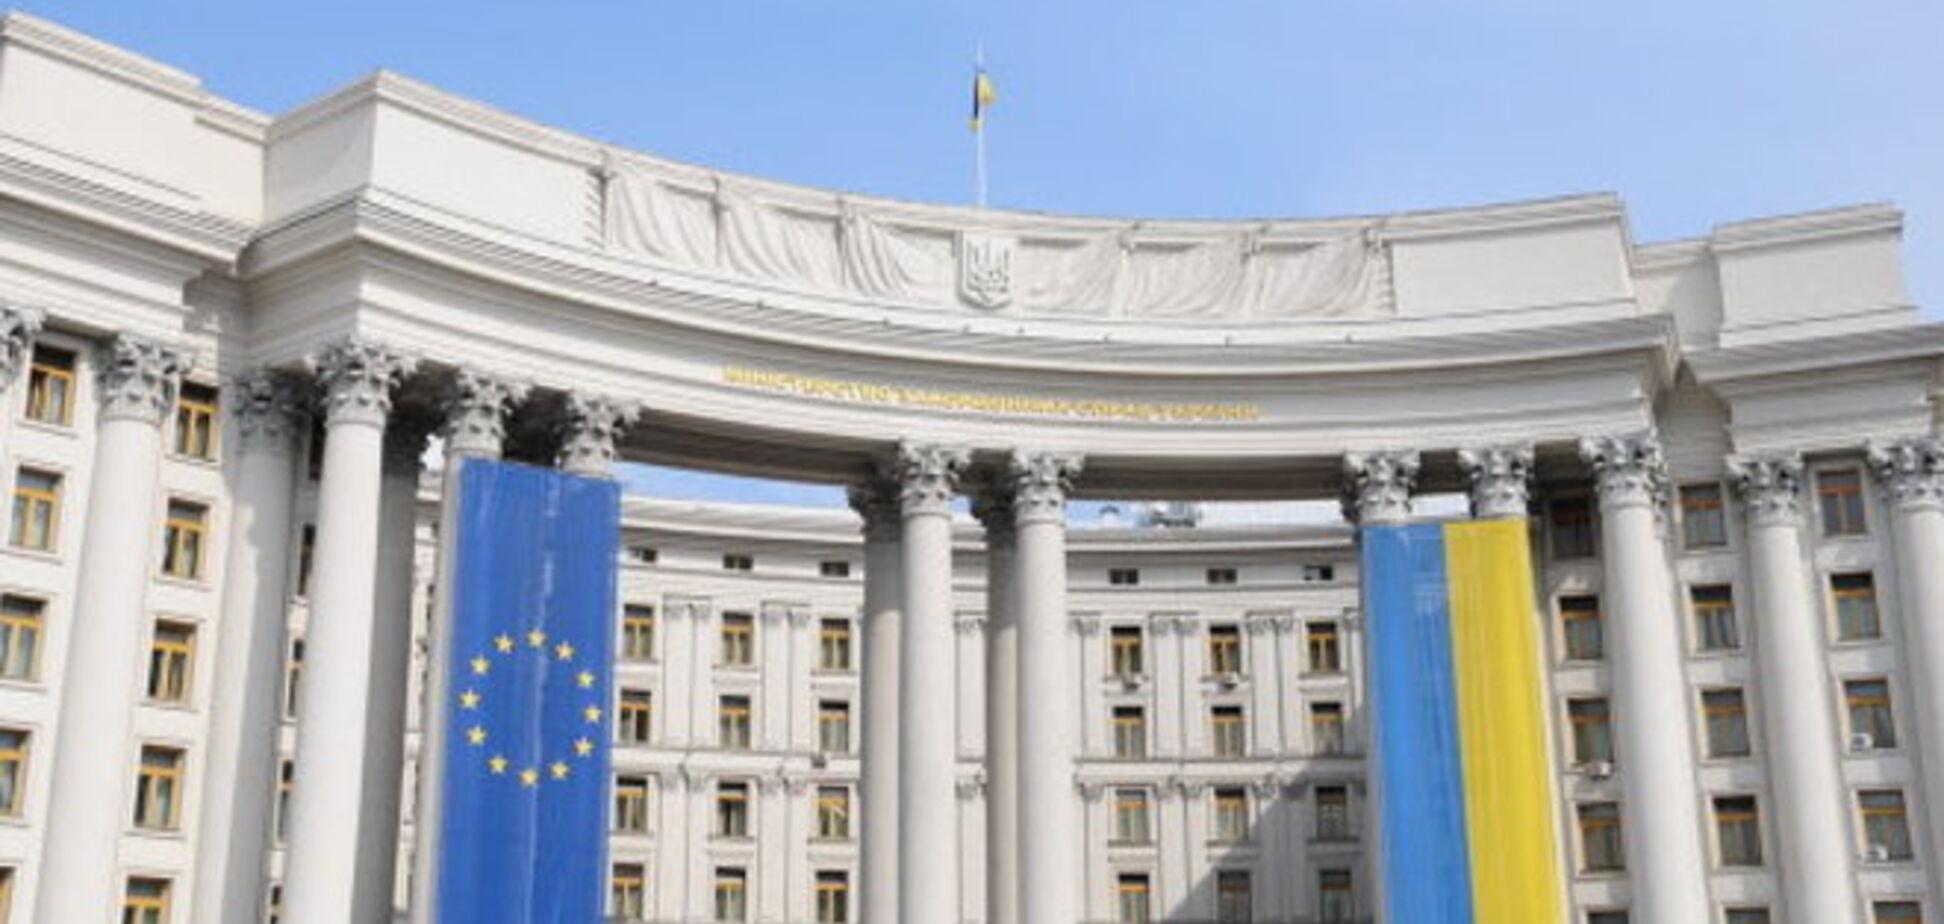 Київ передав Москві дипломатичні ноти через порушення кордону